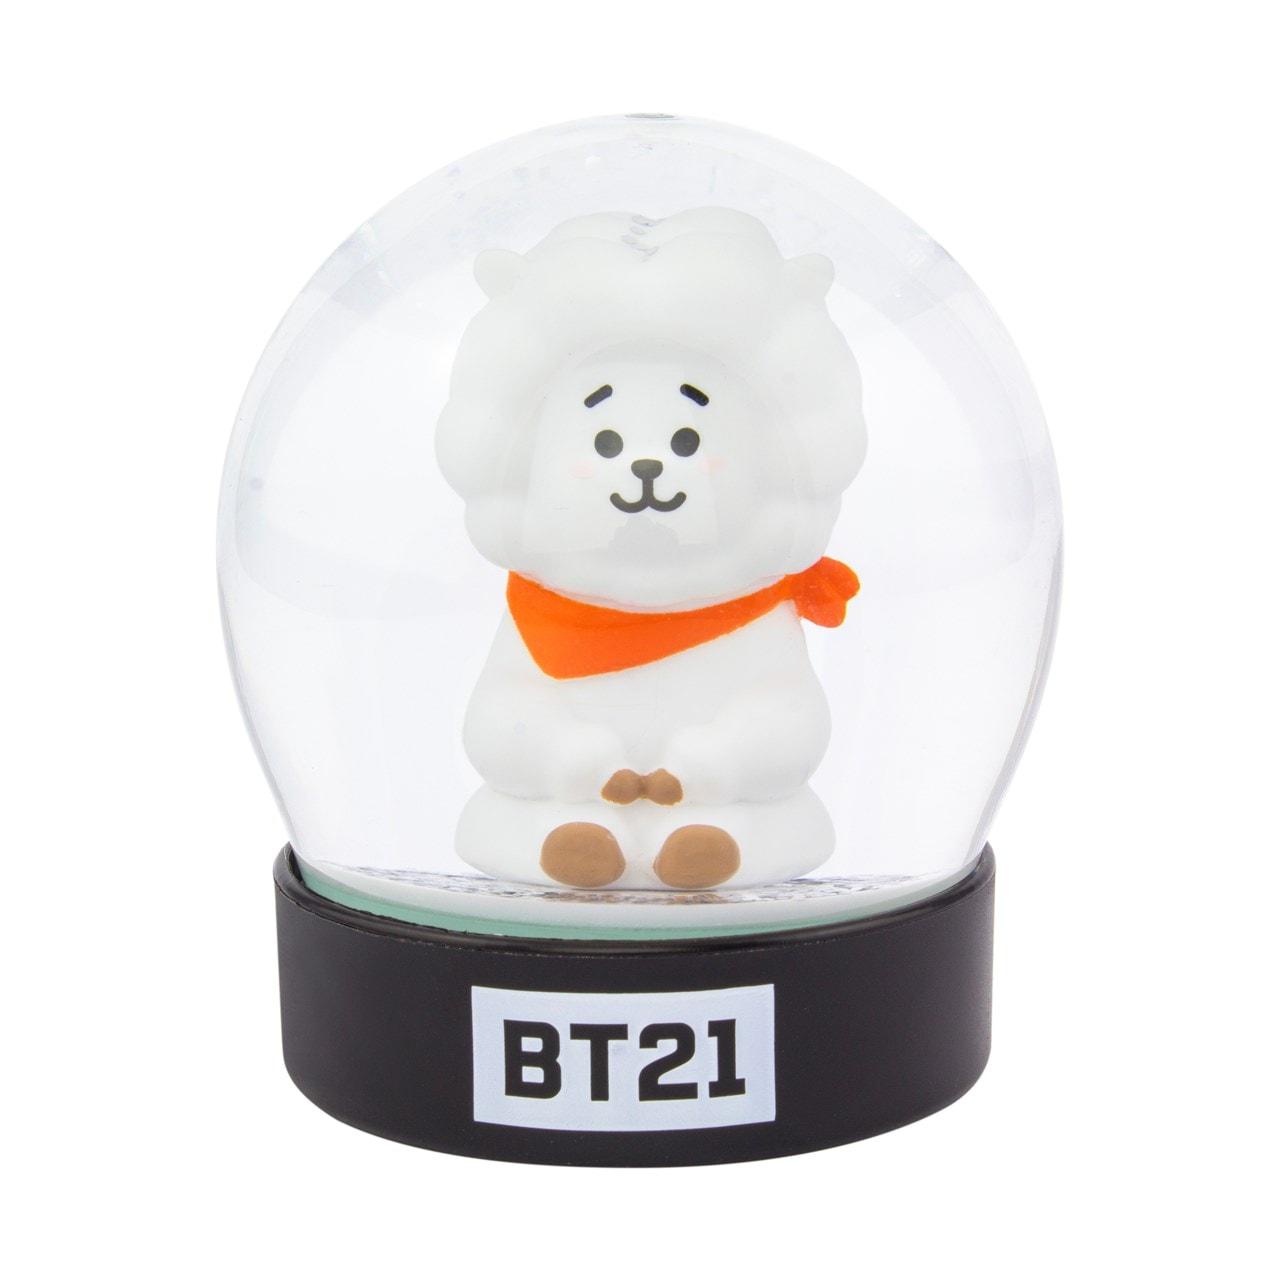 BT21 RJ Snow Globe - 1